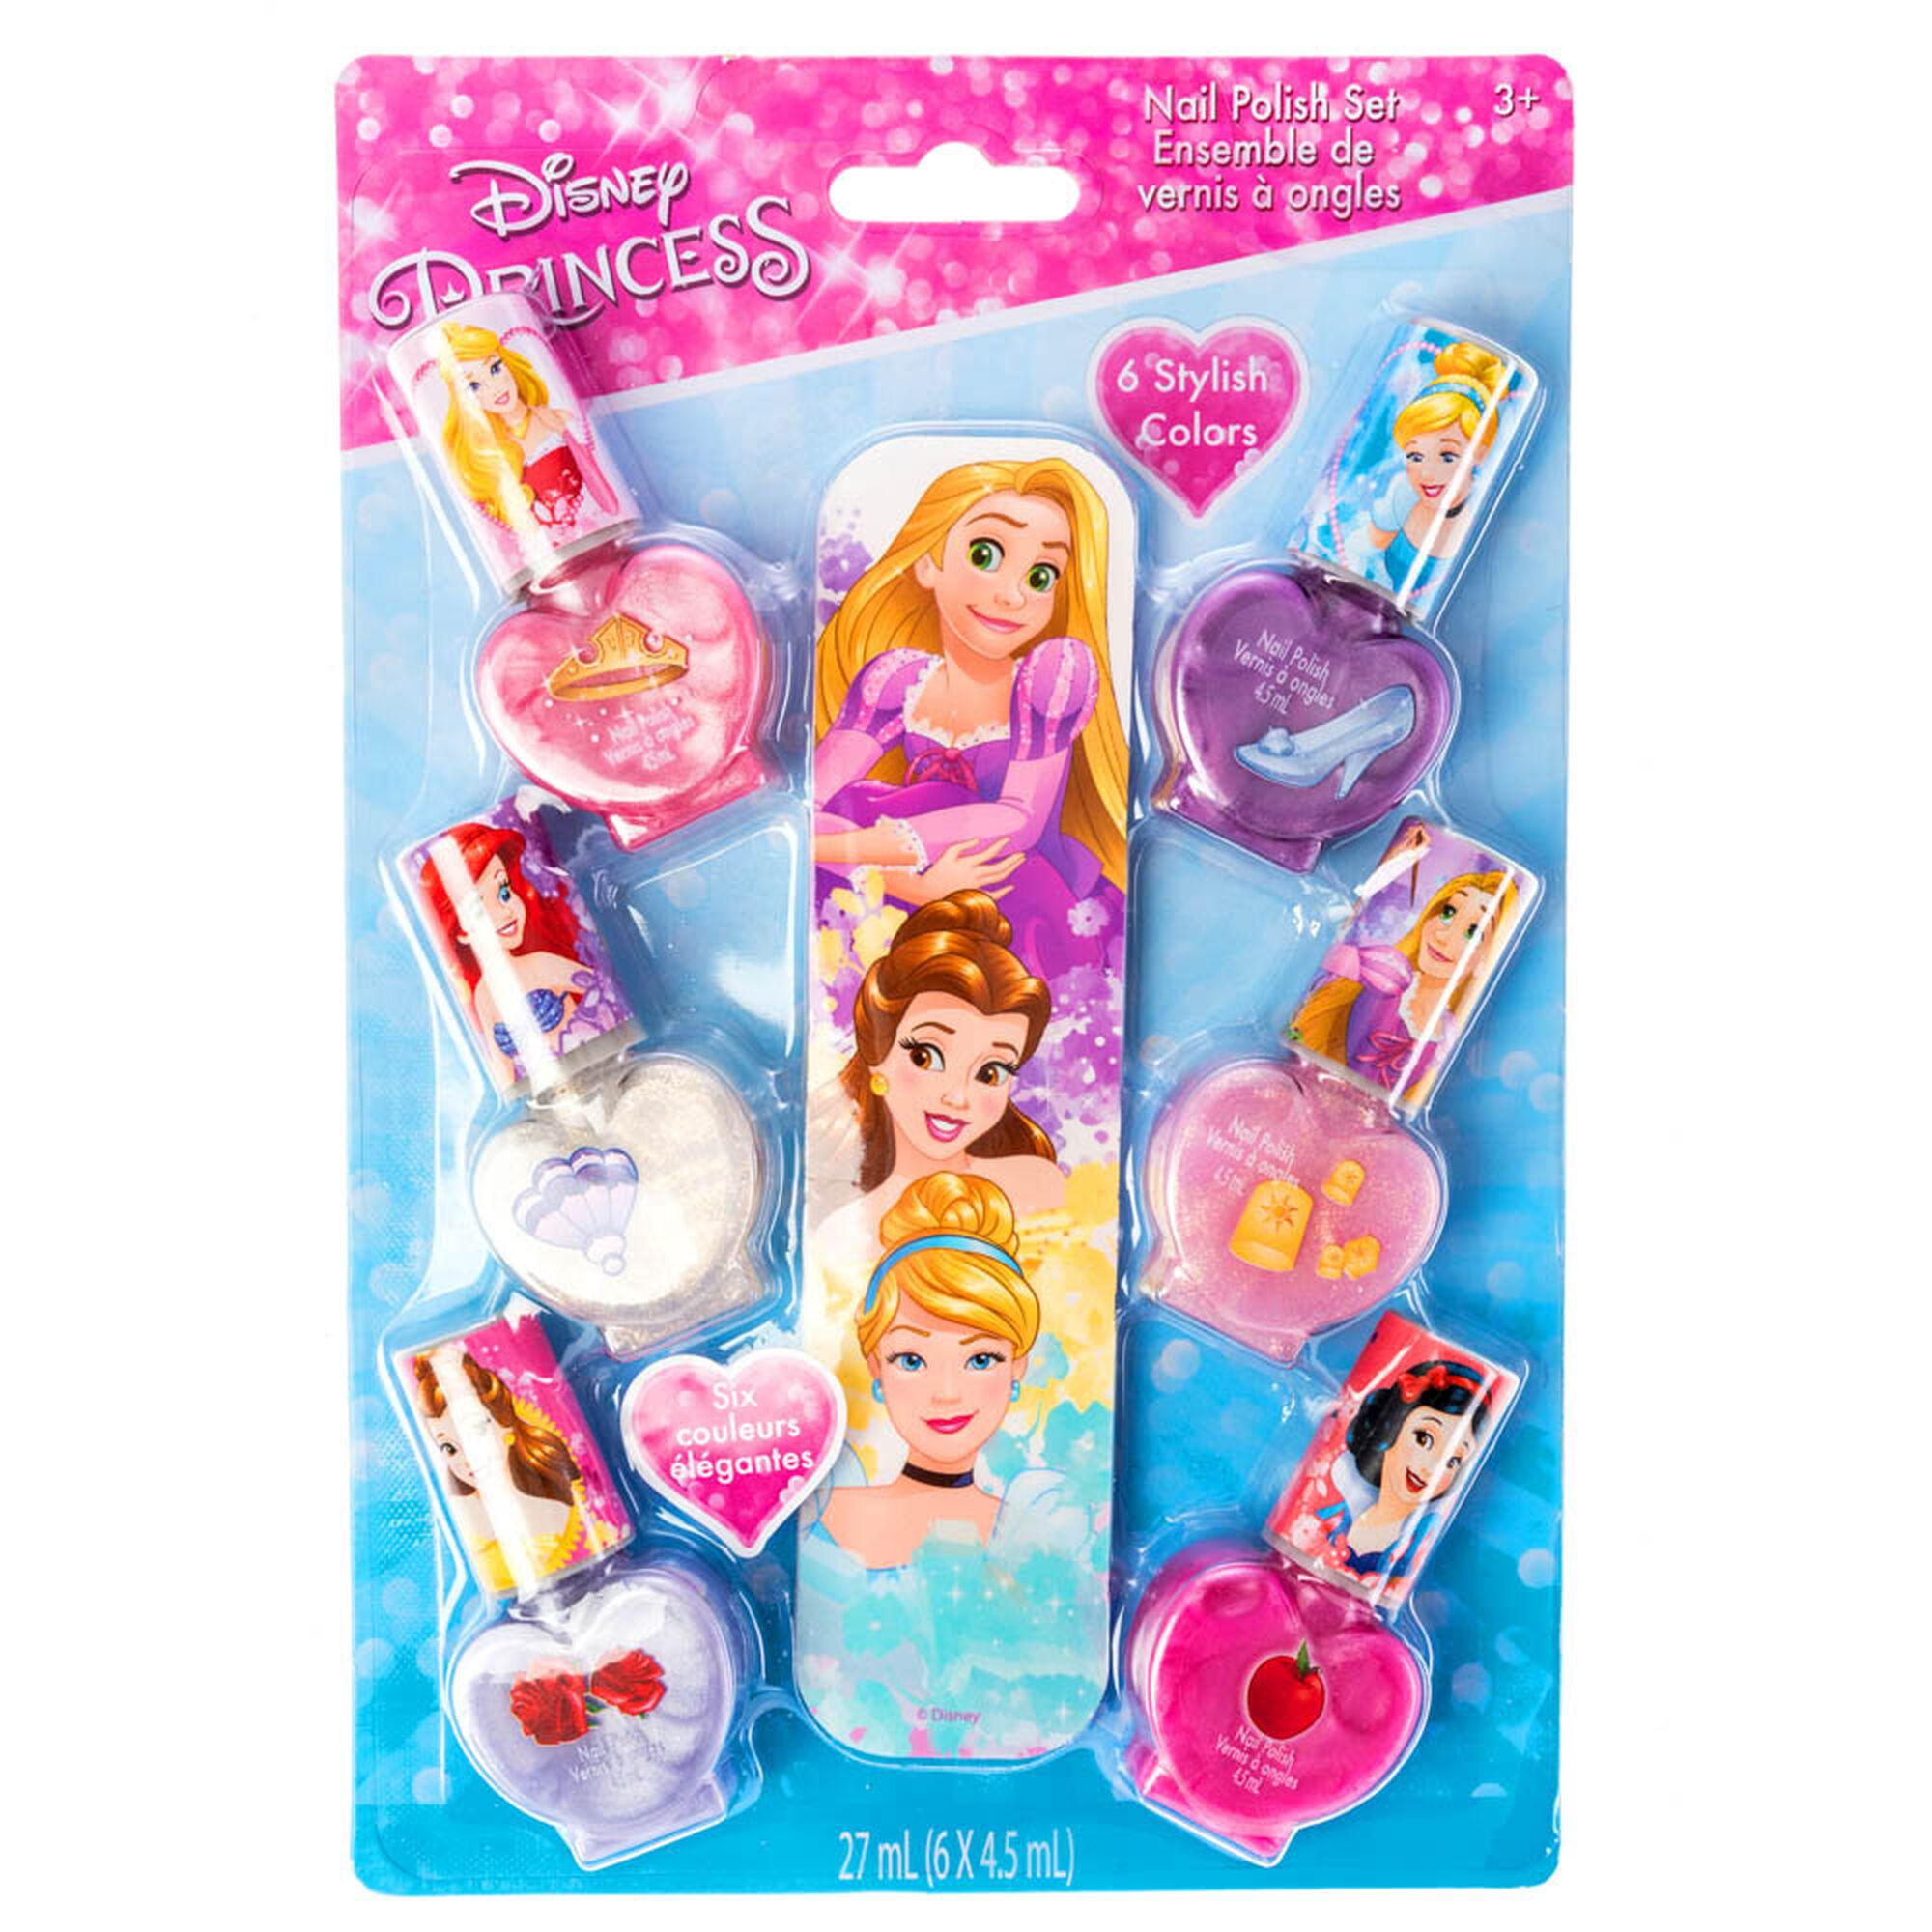 Dress Disney Princess Nails: Disney Princess Nail Polish Set